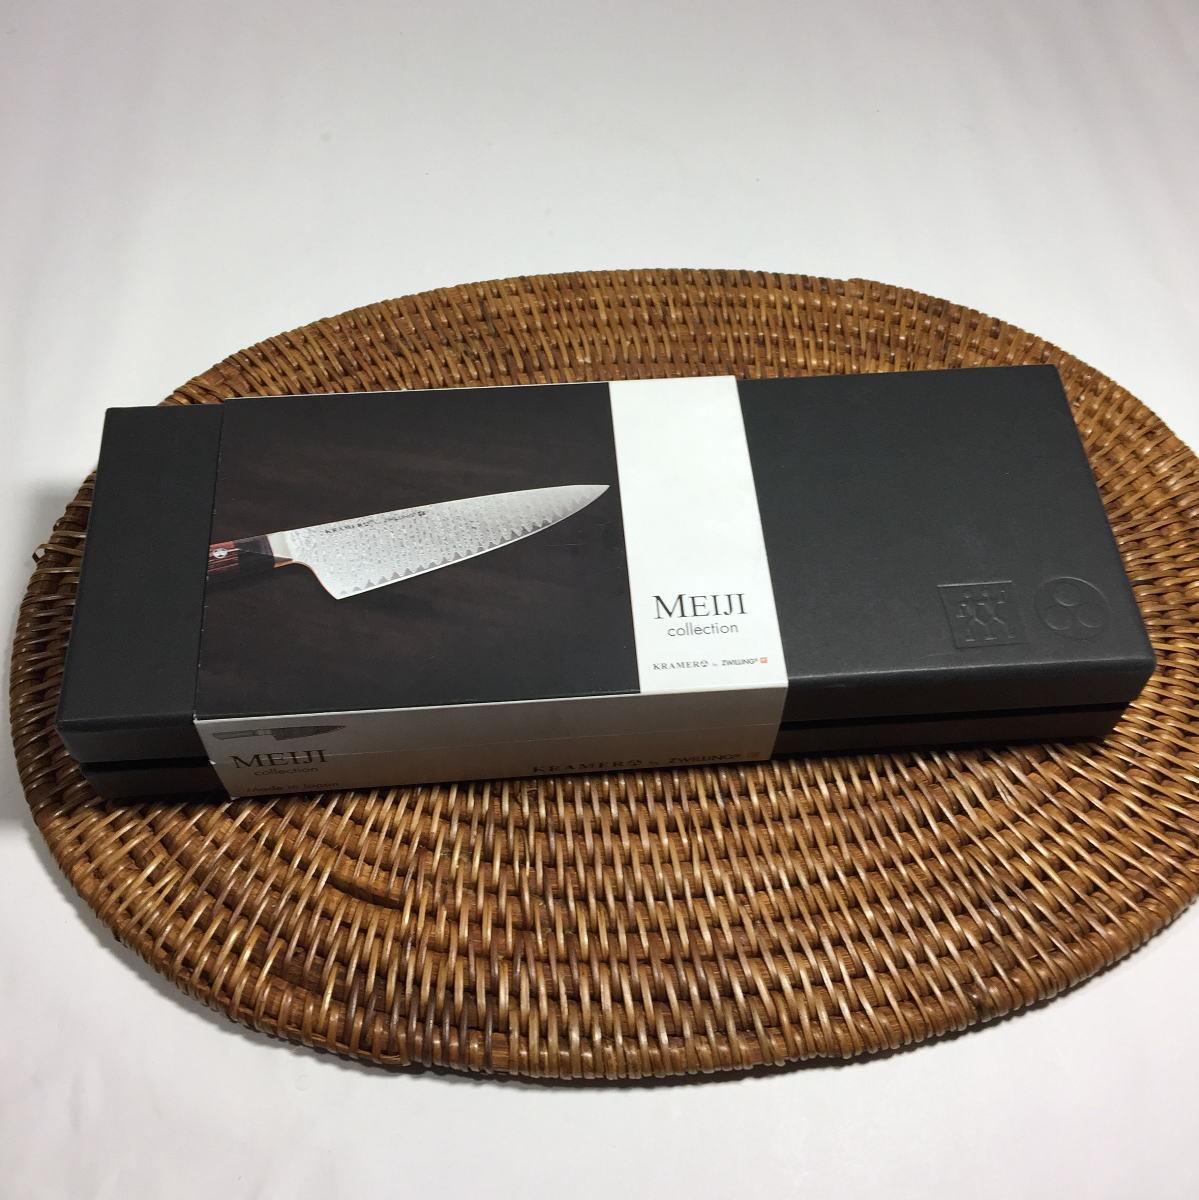 ZWILLING HENCKELS KRAMER ボブ・クレーマー Meiji Collection メイジ フラワー ダマスカス 刃渡り10cm ペティナイフ レア品_画像8